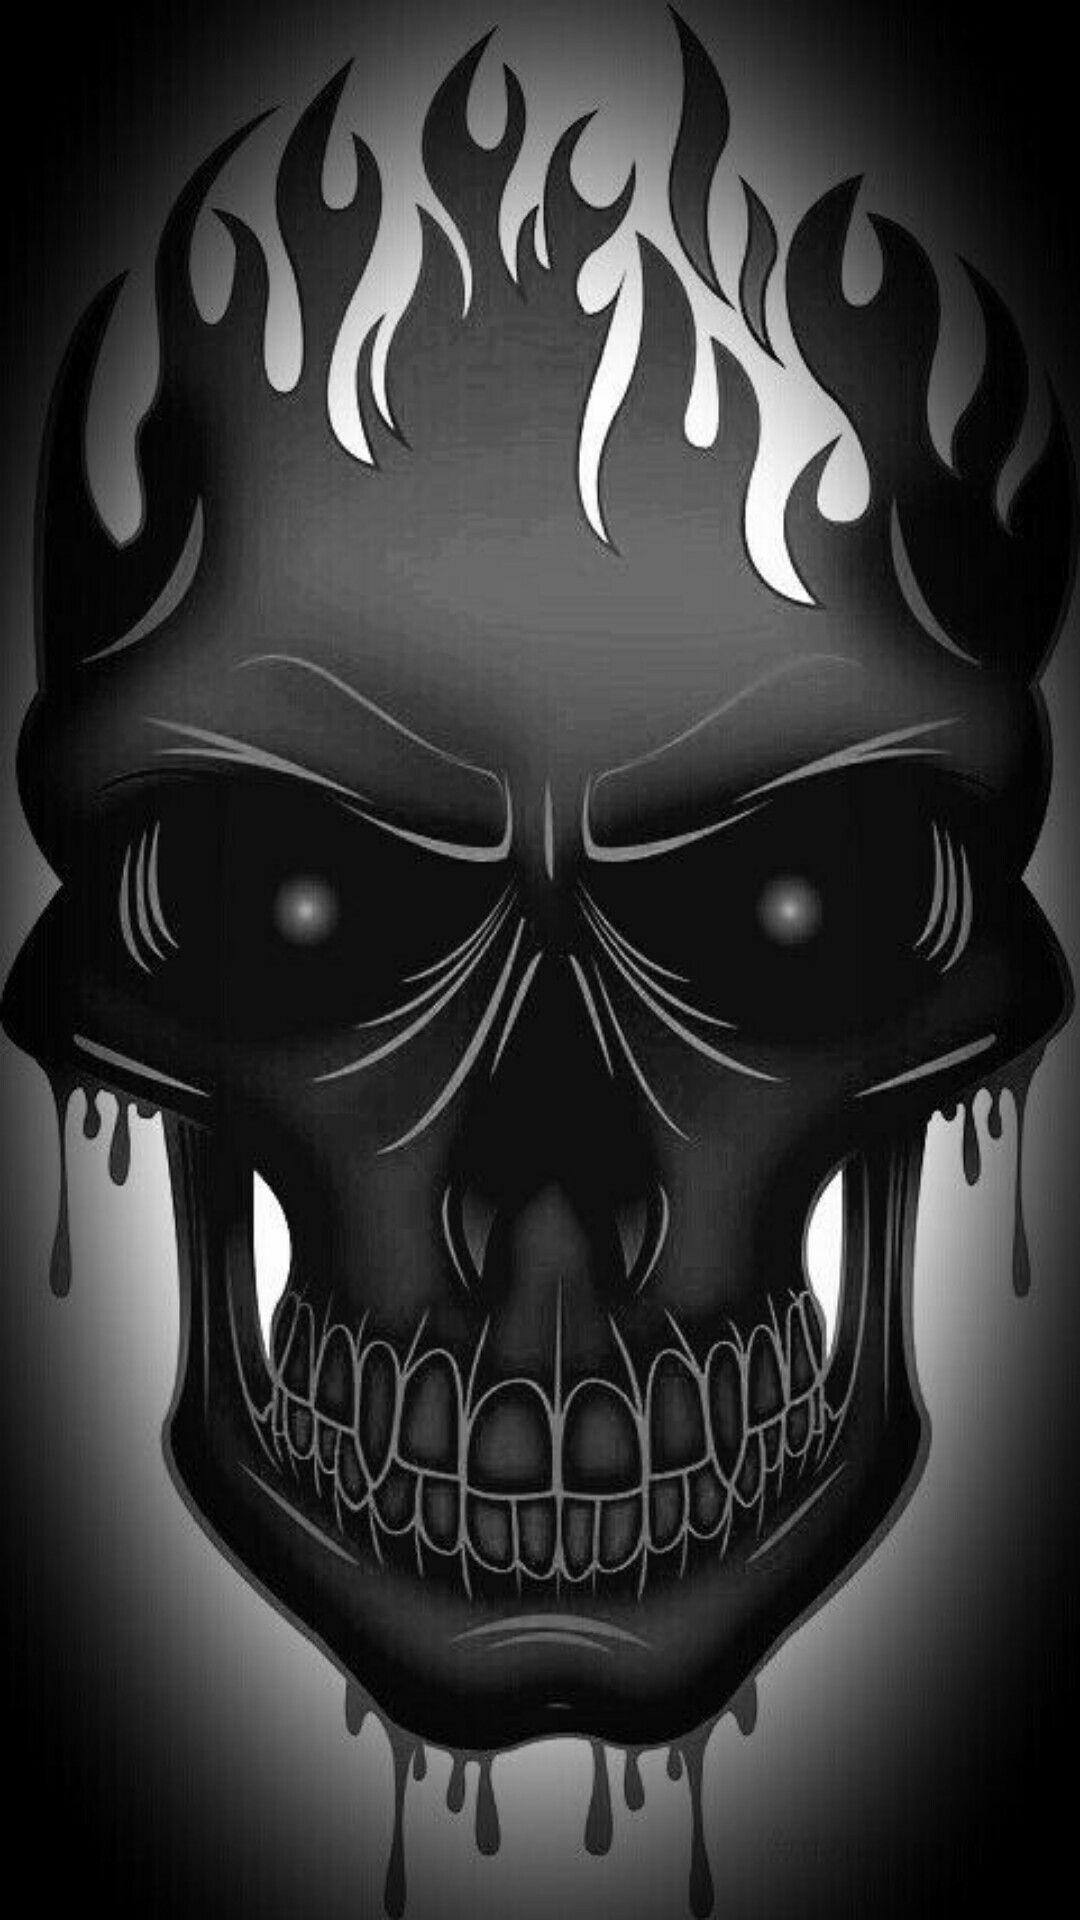 Skull Flames Calaveras Arte Com Caveira Caveira Tatoo Y Tattoo